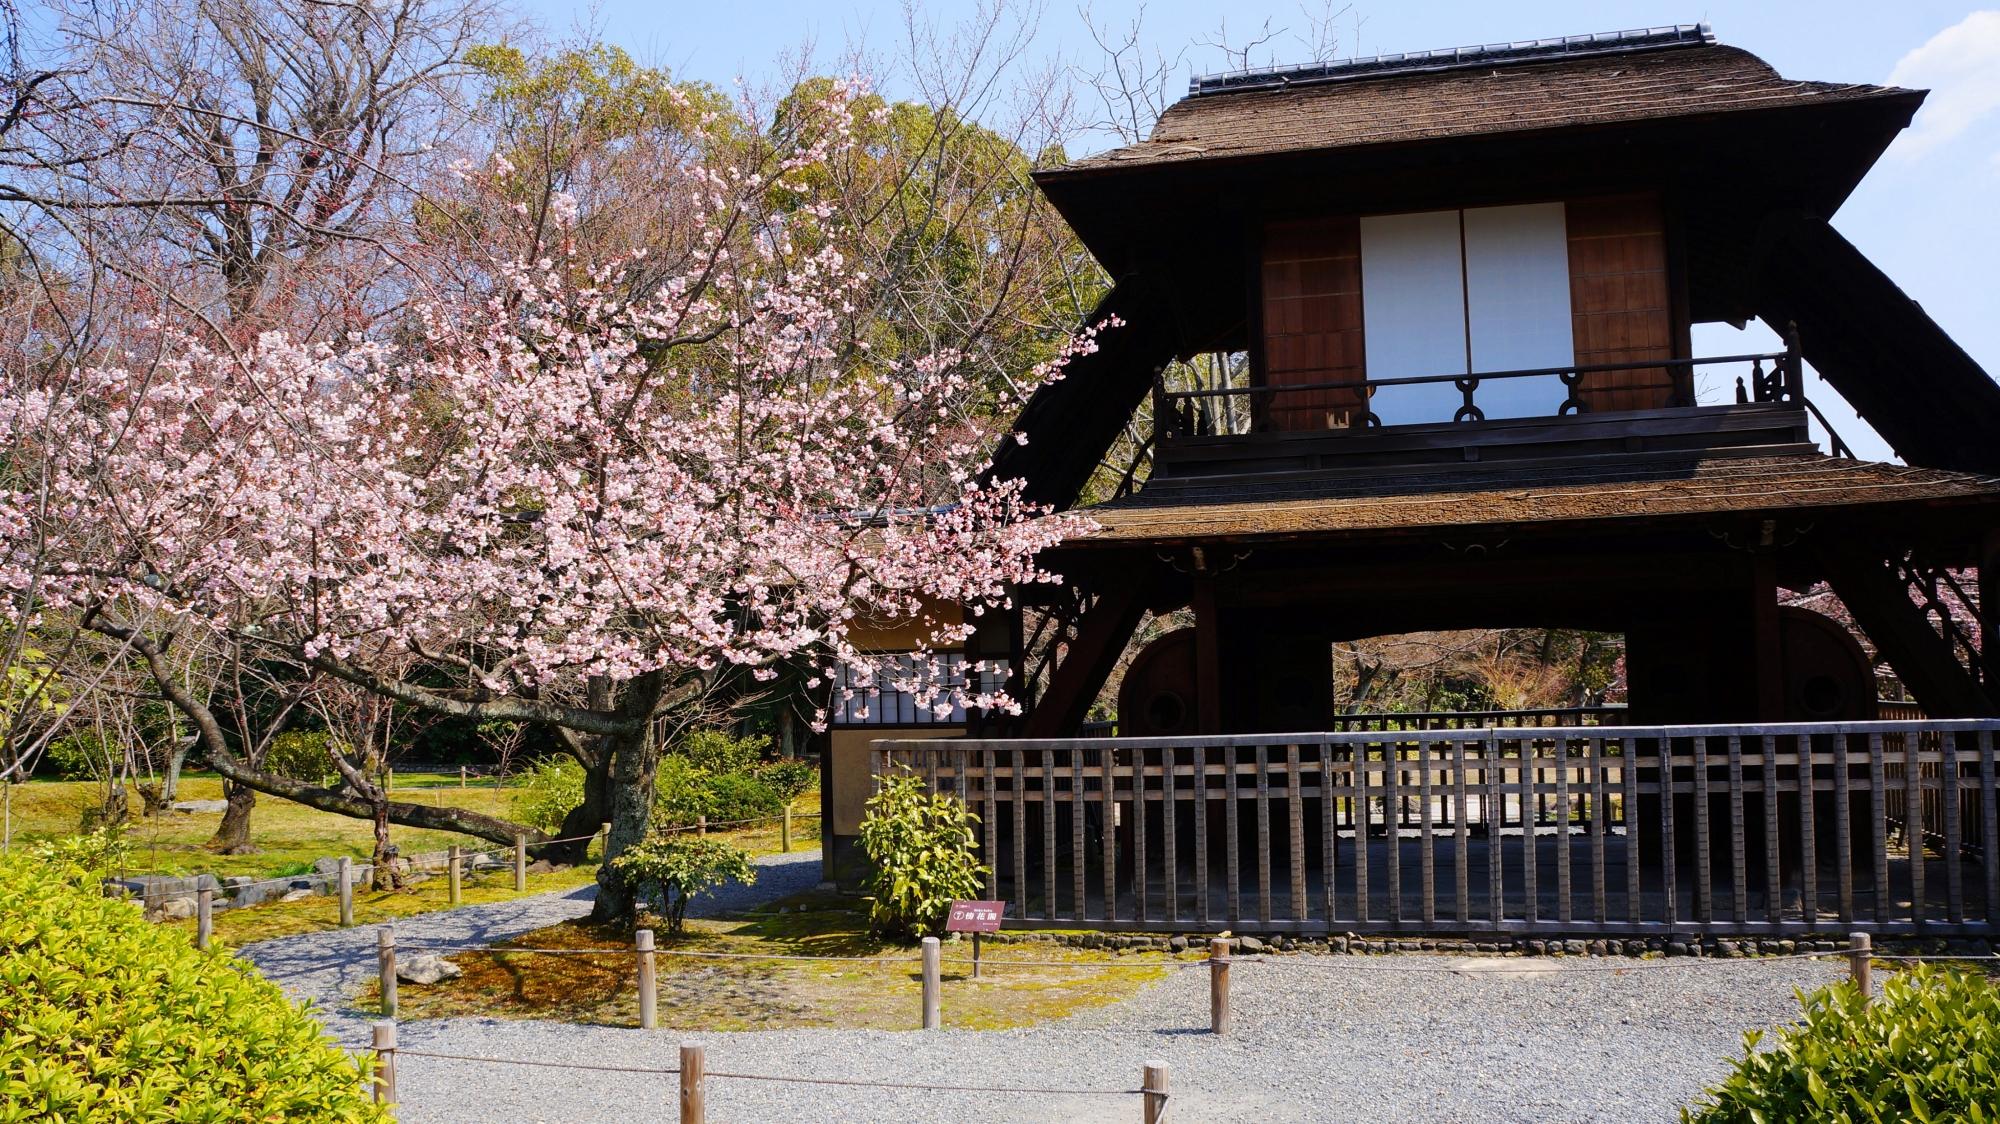 緑あふれる春先の庭園に佇む傍花閣と早咲きの桜